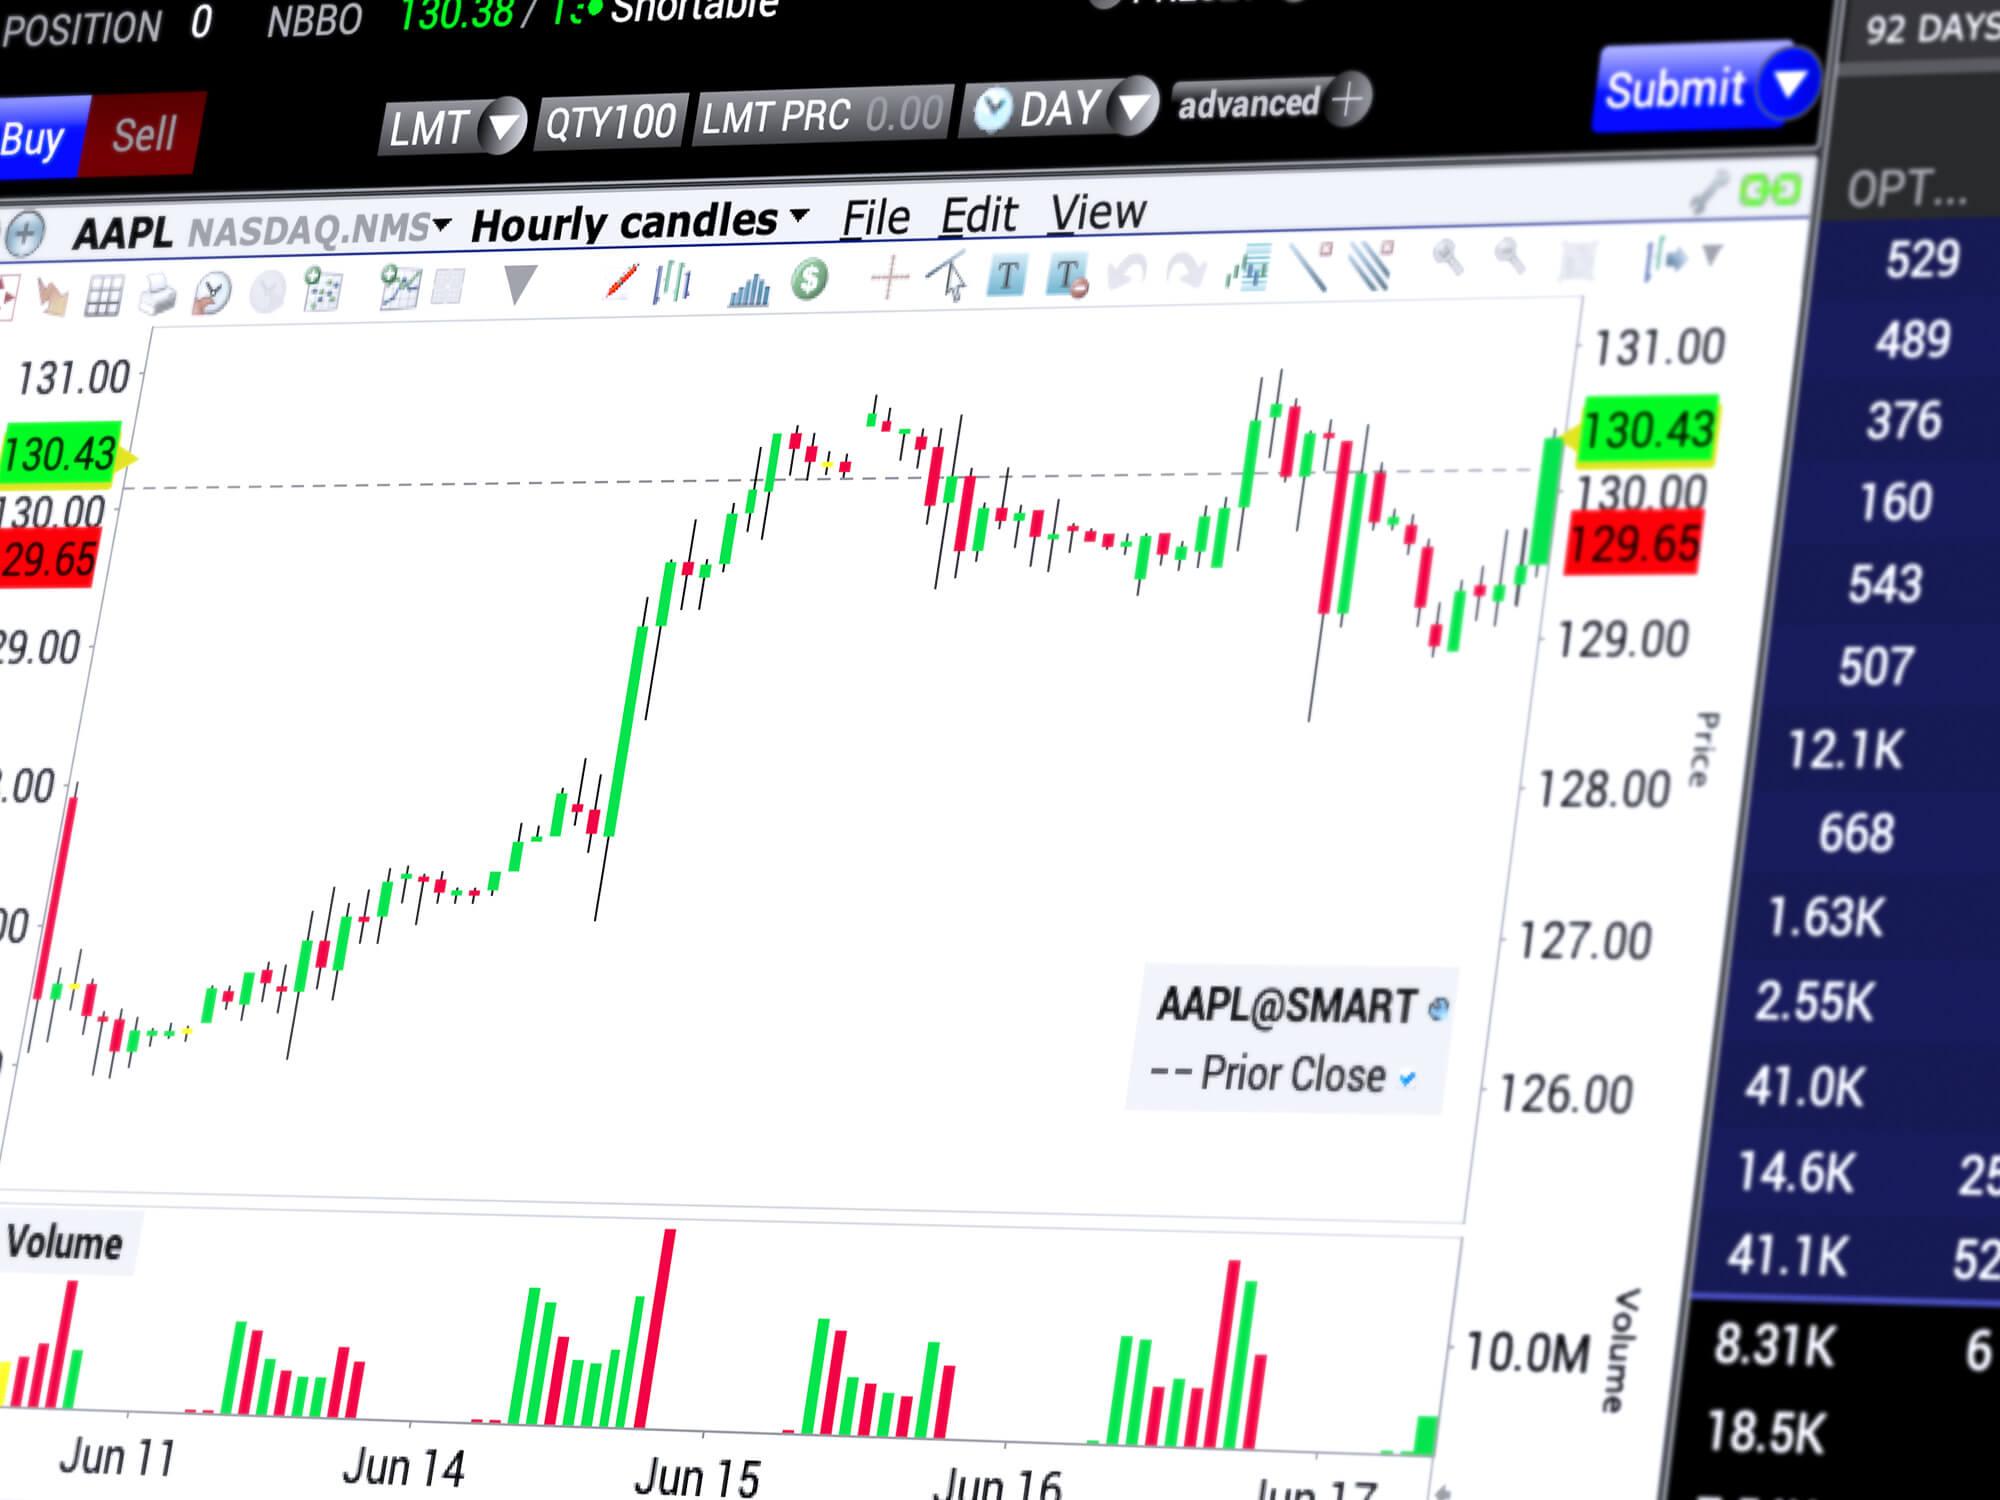 Platforma handlowa z wykresem cenowym ze wskaźnikami i zleceniami handlowymi na akcję Apple